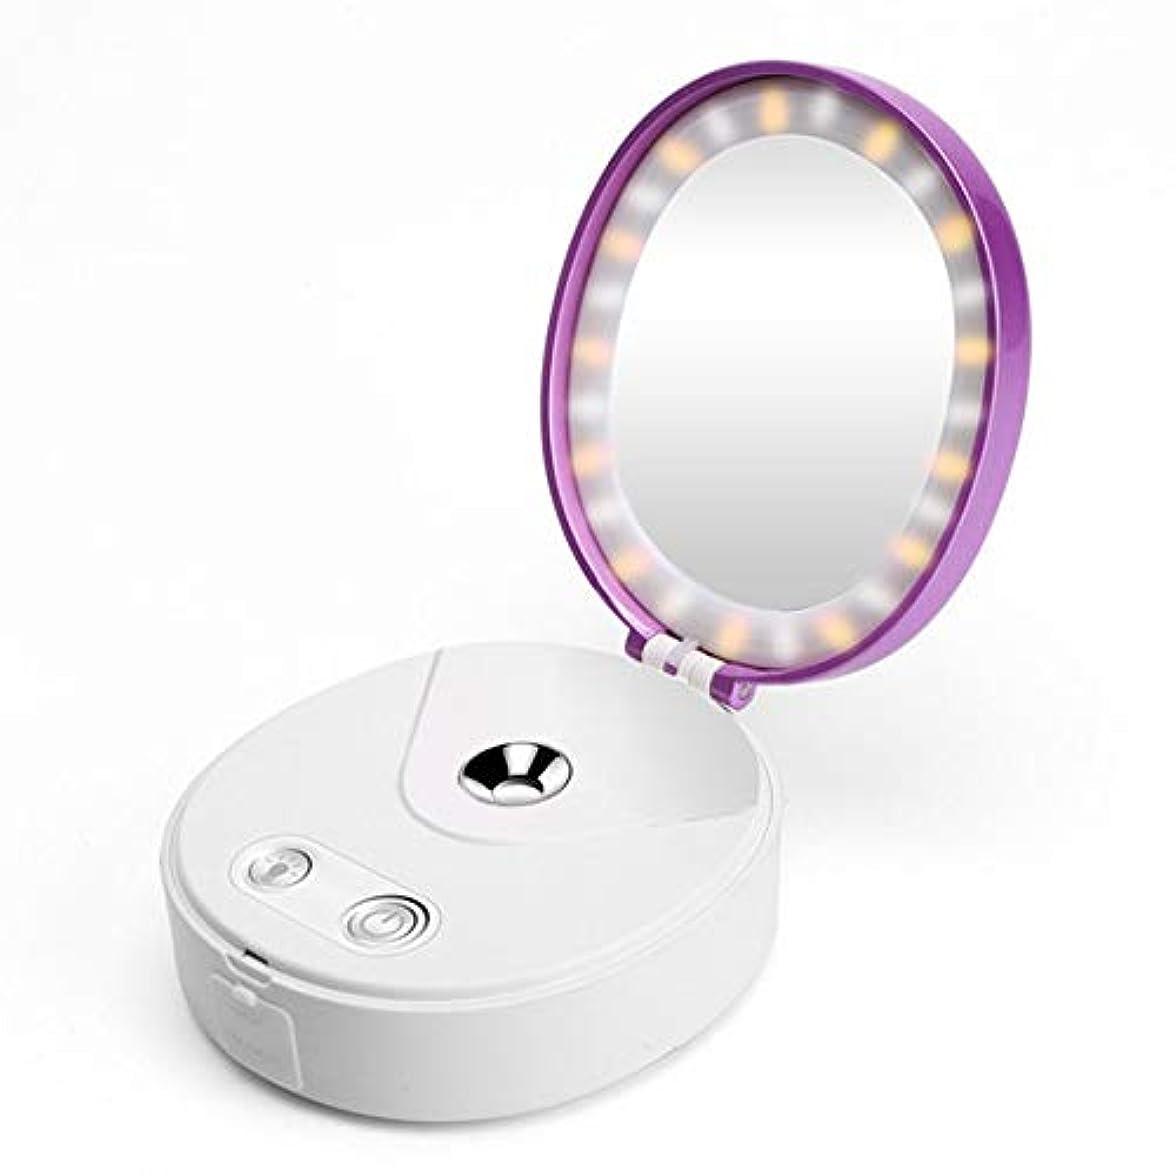 体操選手野球ストッキング化粧鏡ライト力銀行が付いている1つの小型ナノ霧の冷たいスプレーヤーの顔の加湿器に付き4つ